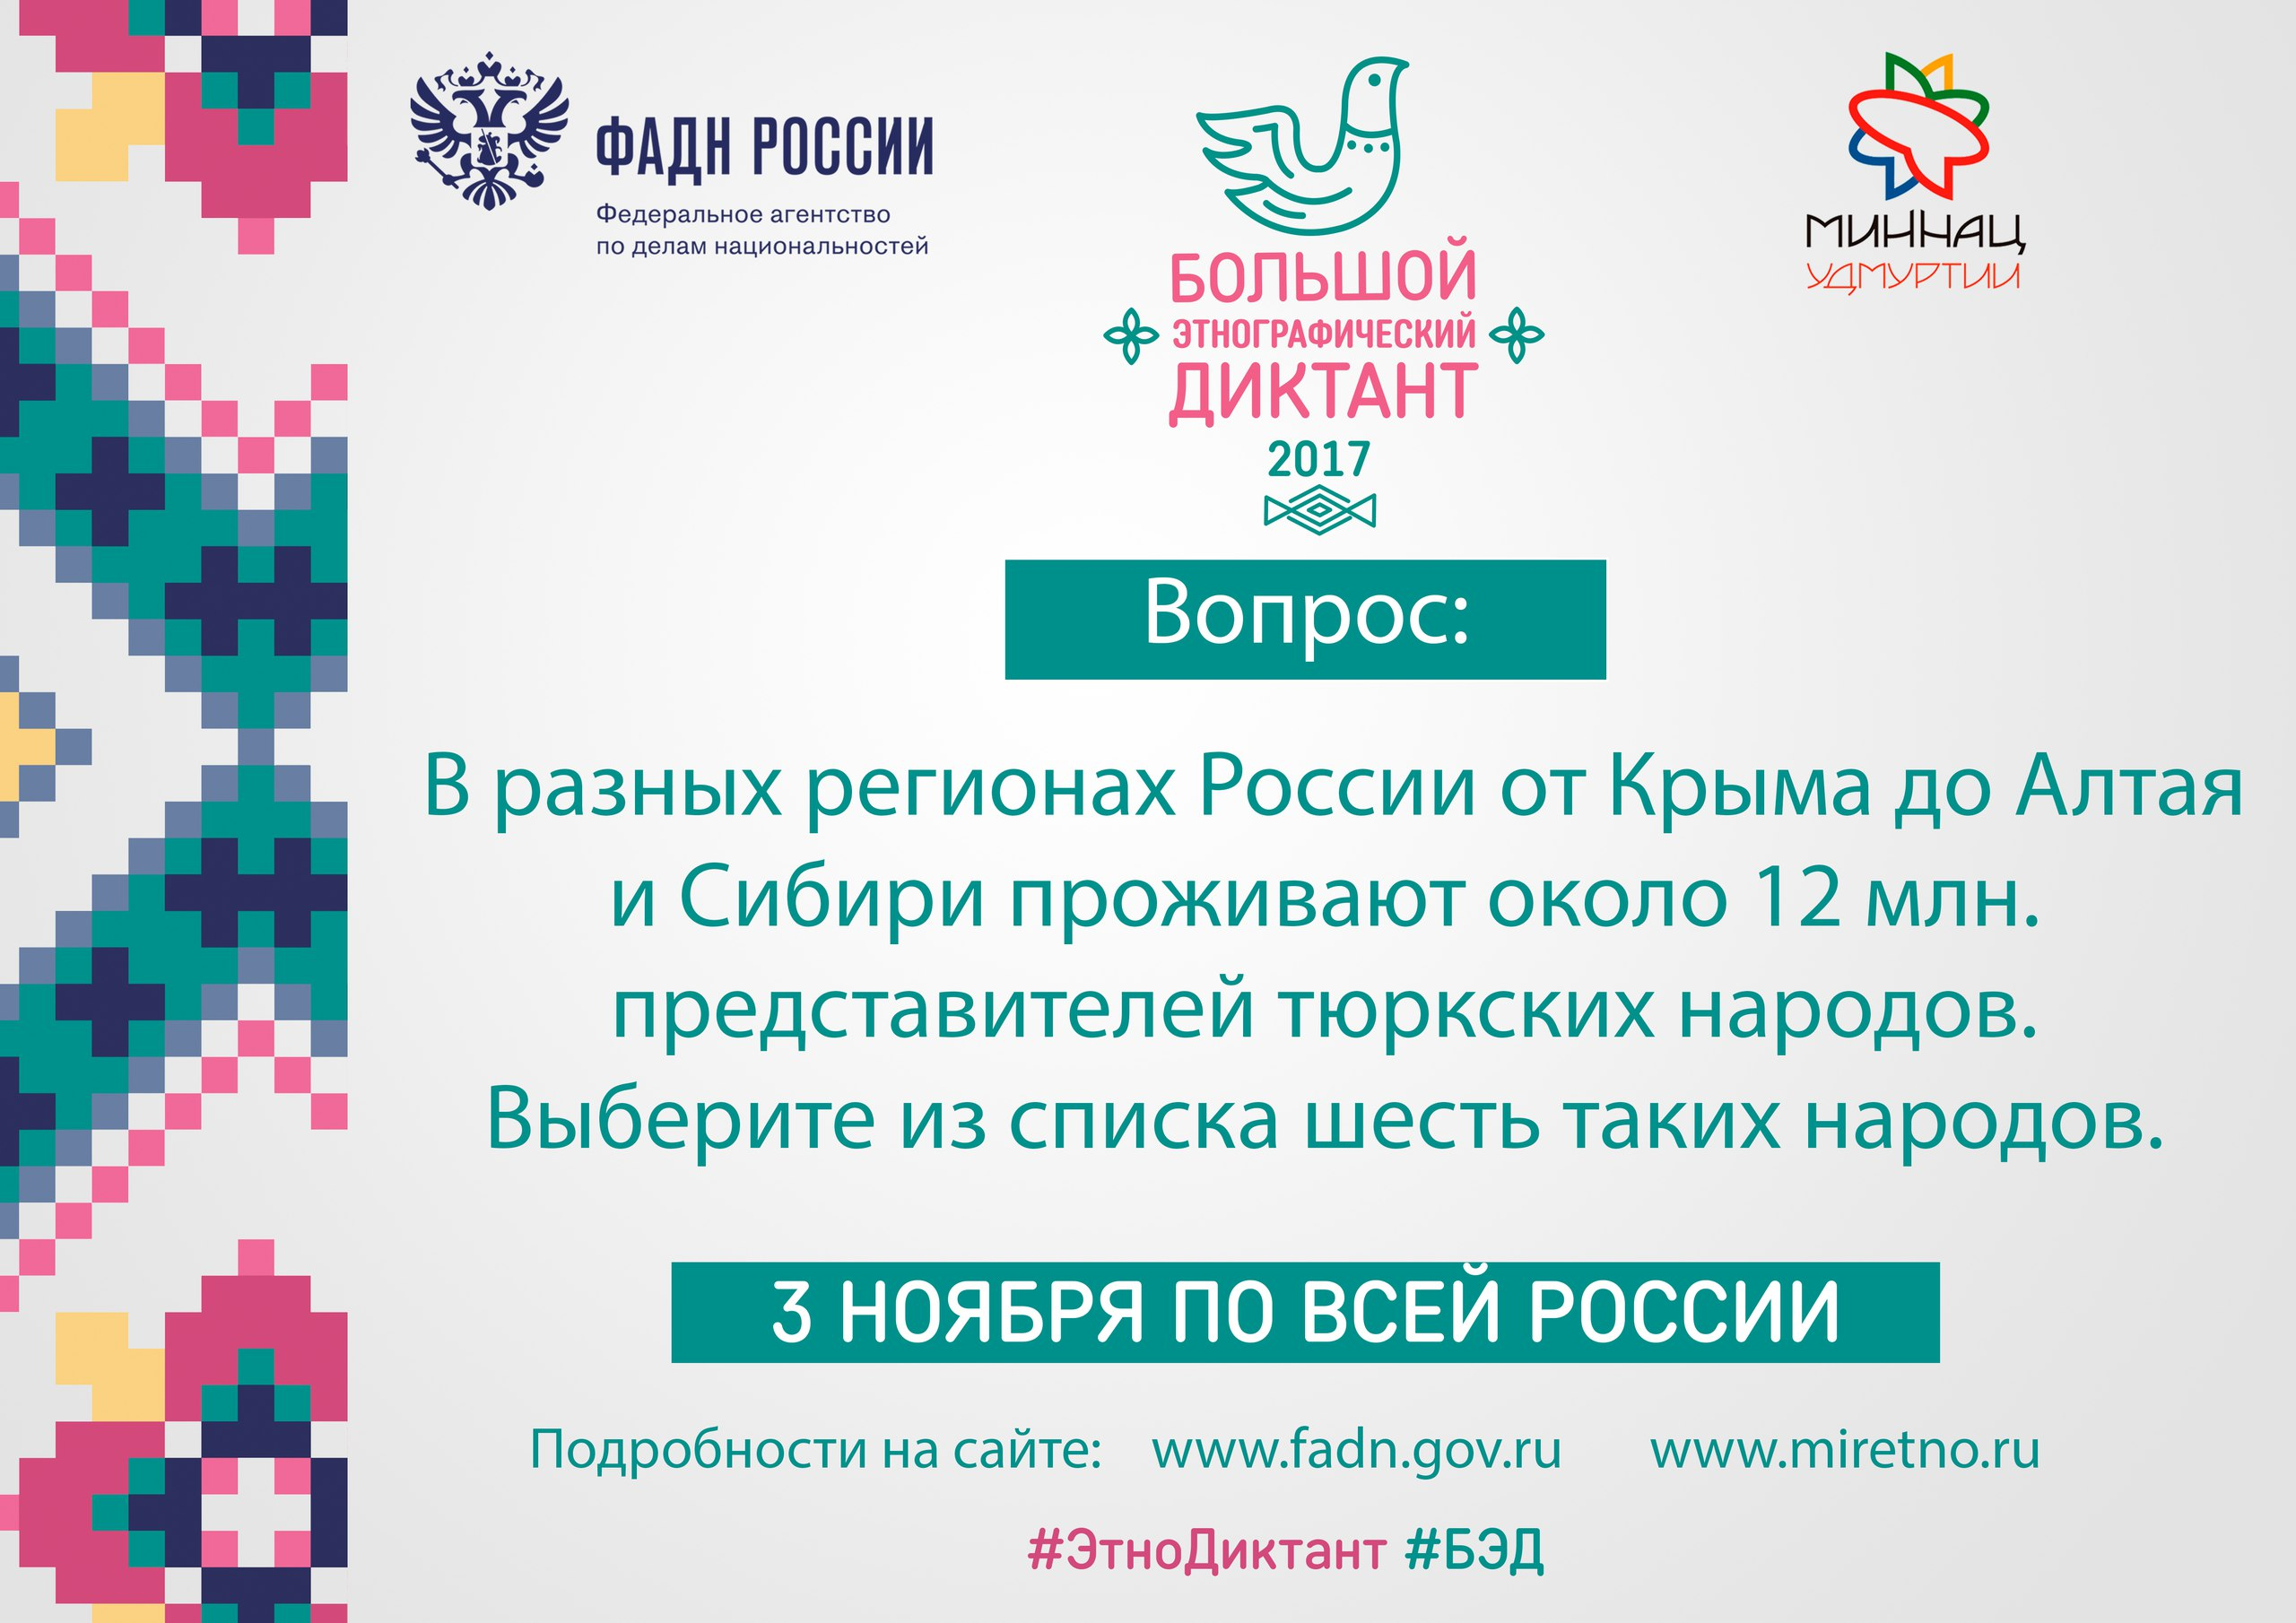 В разных регионах России от Крыма до Алтая и Сибири